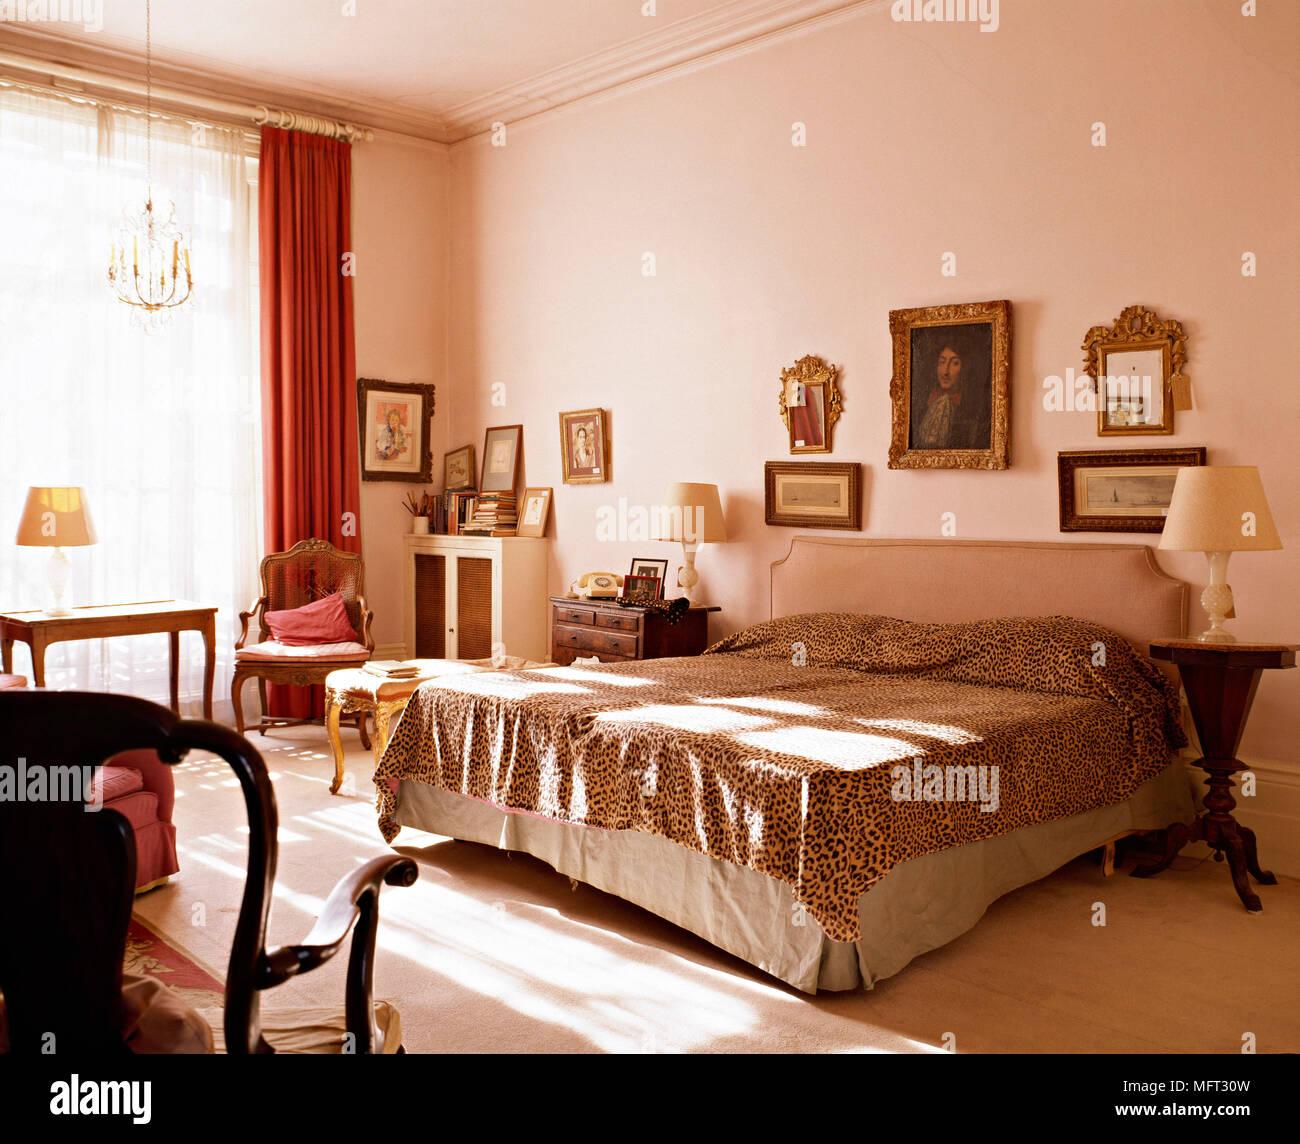 Chambre classique lit fauteuil;s table de chevet lampes rideaux peau ...